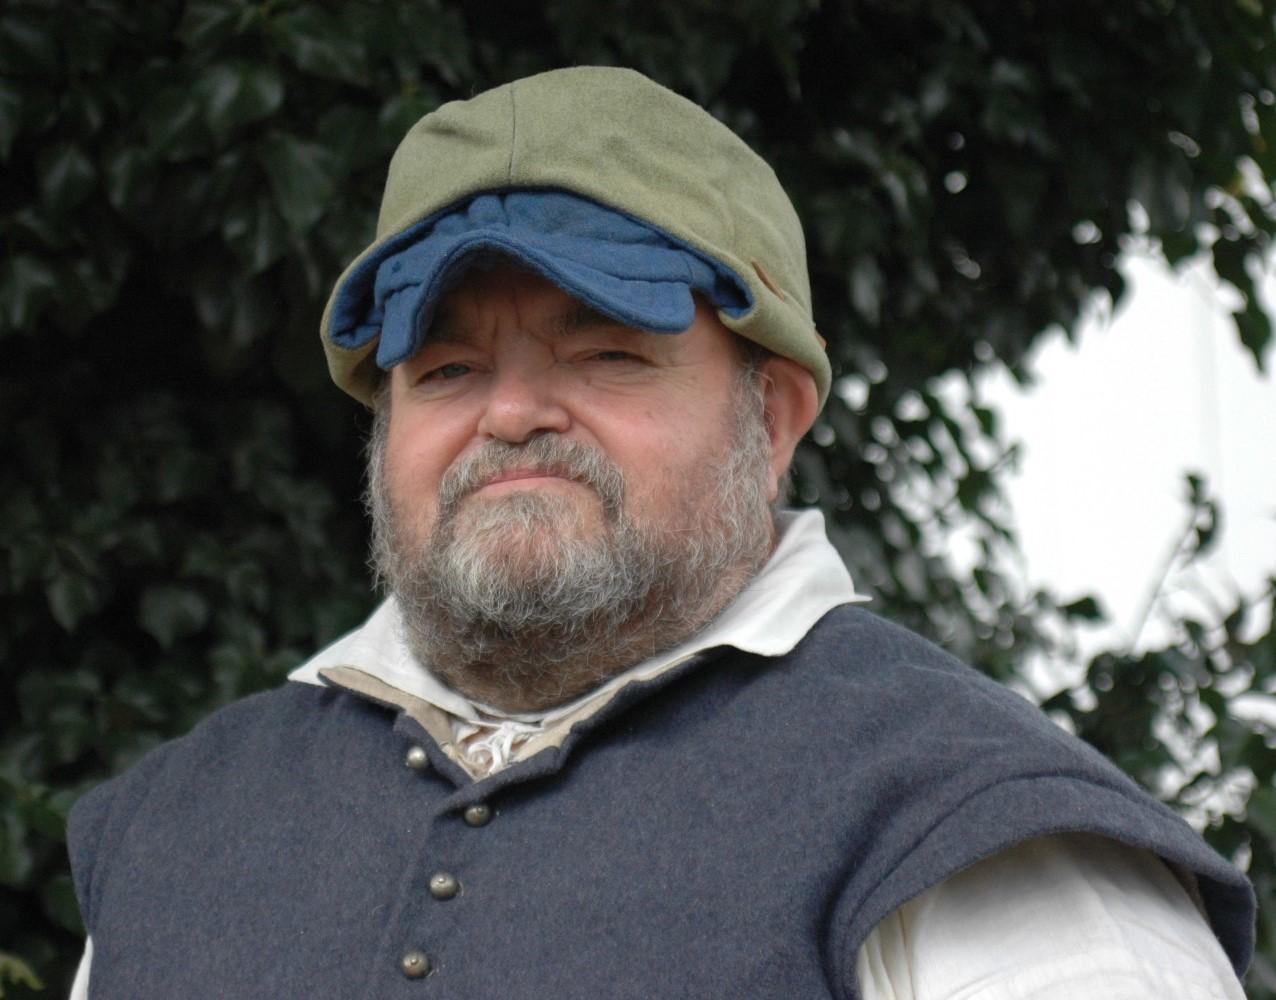 Geoff Hartnell, Trustee